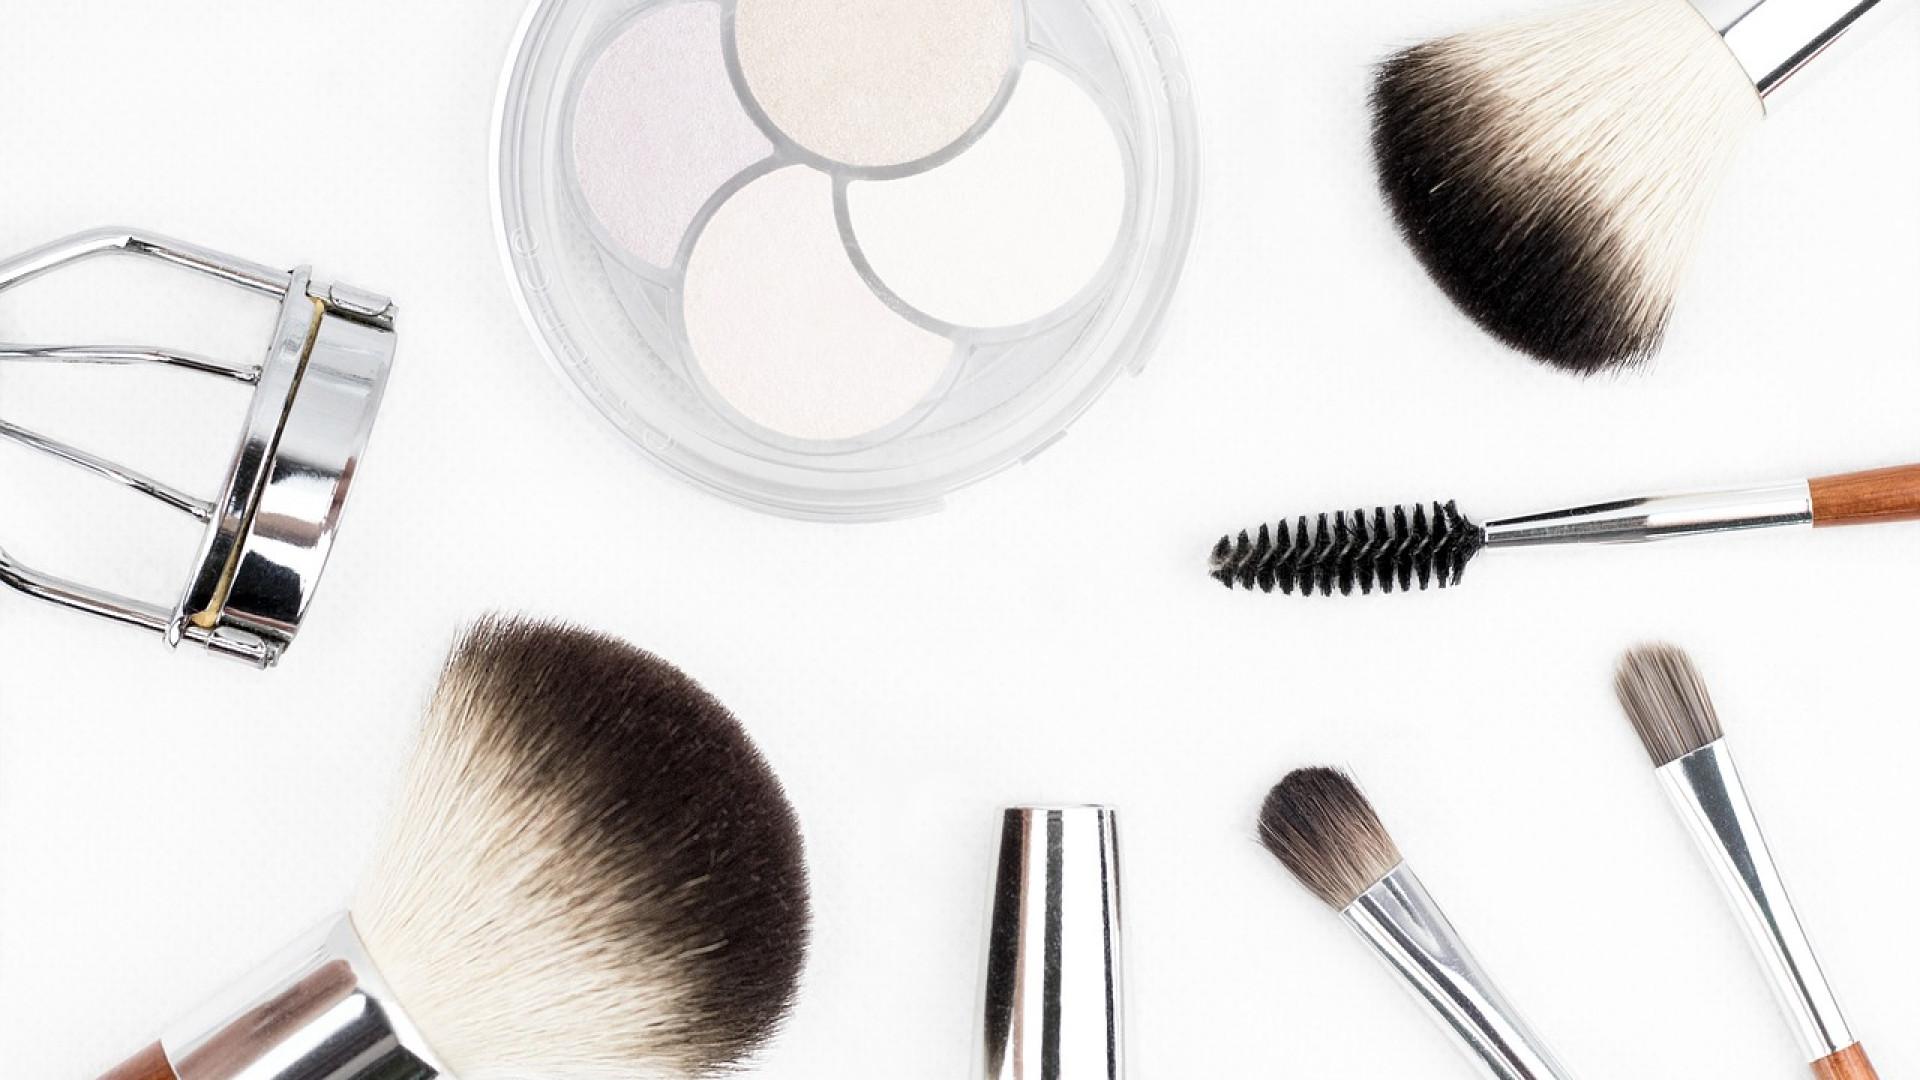 Maquillage, profitez des conseils d'une pro pour toutes les occasions